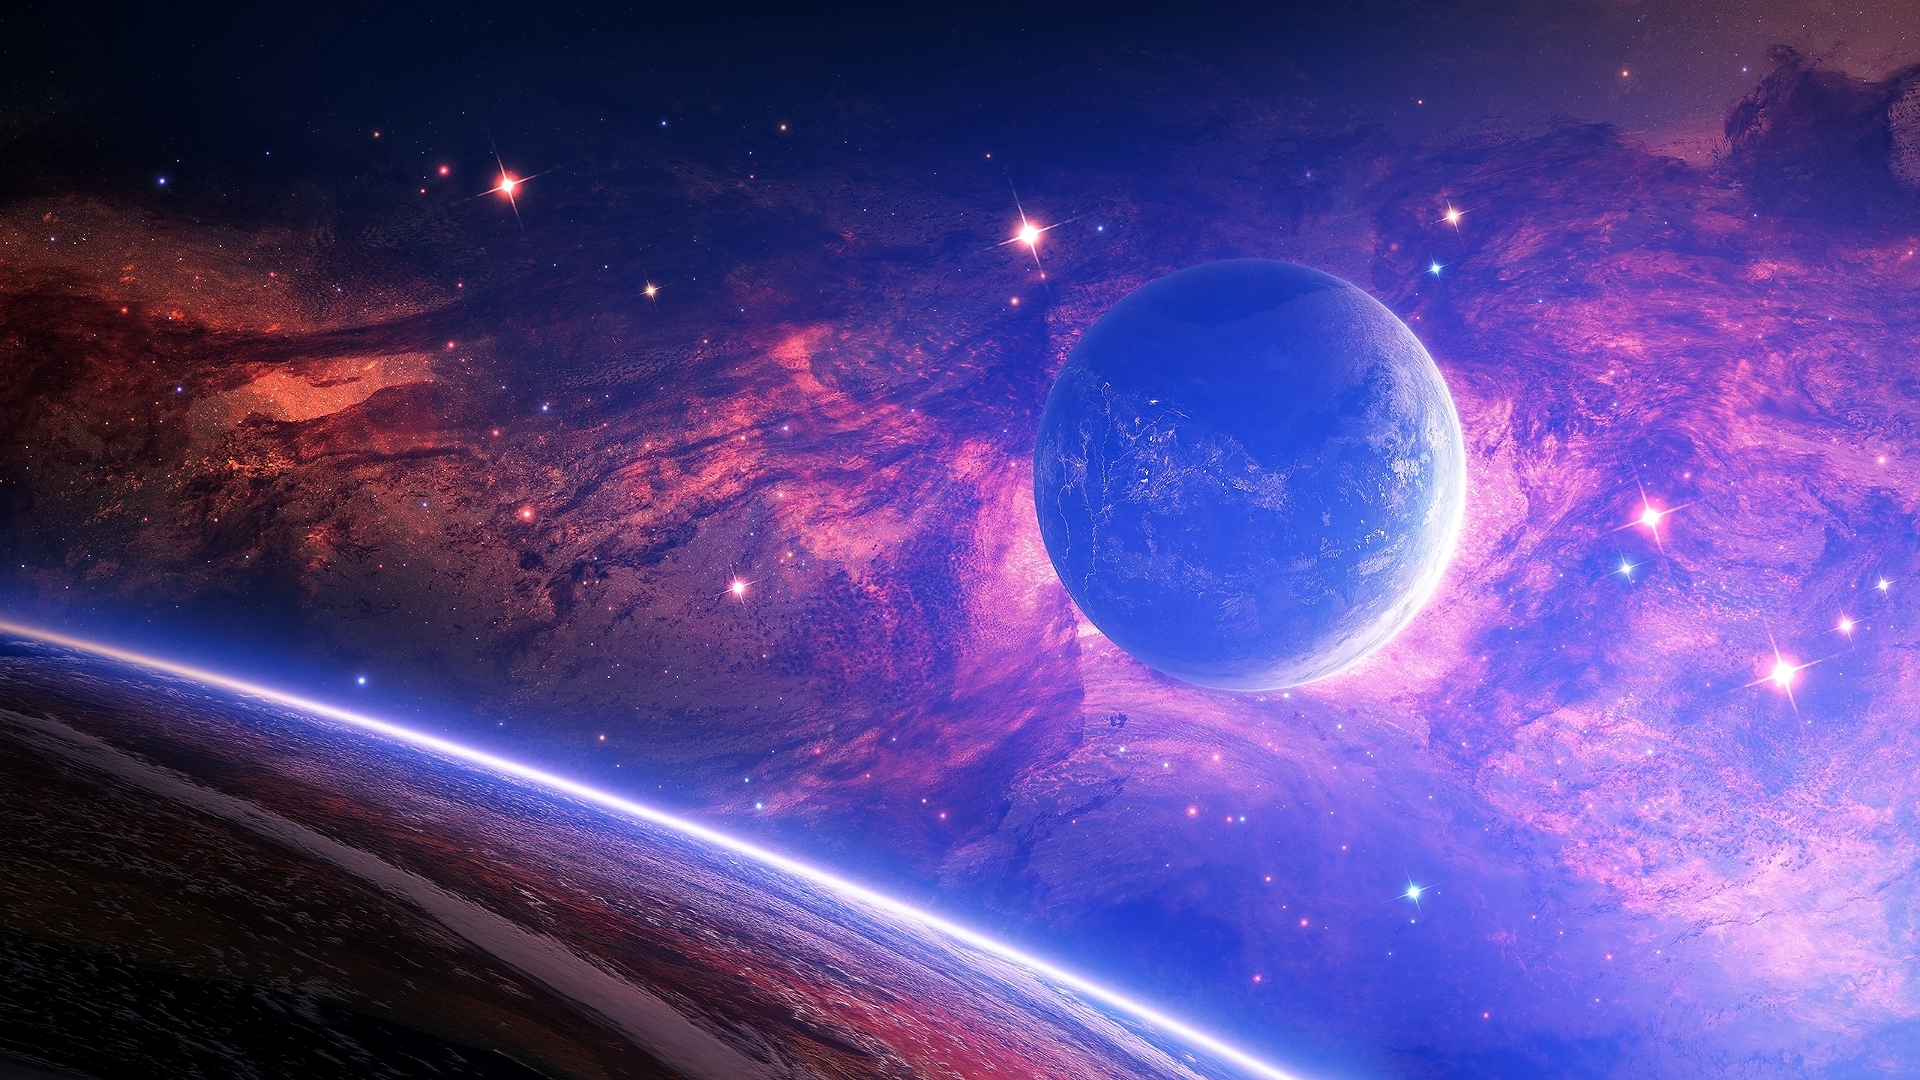 Обои Звездное небо над землей картинки на рабочий стол на тему Космос - скачать  № 1768331 бесплатно